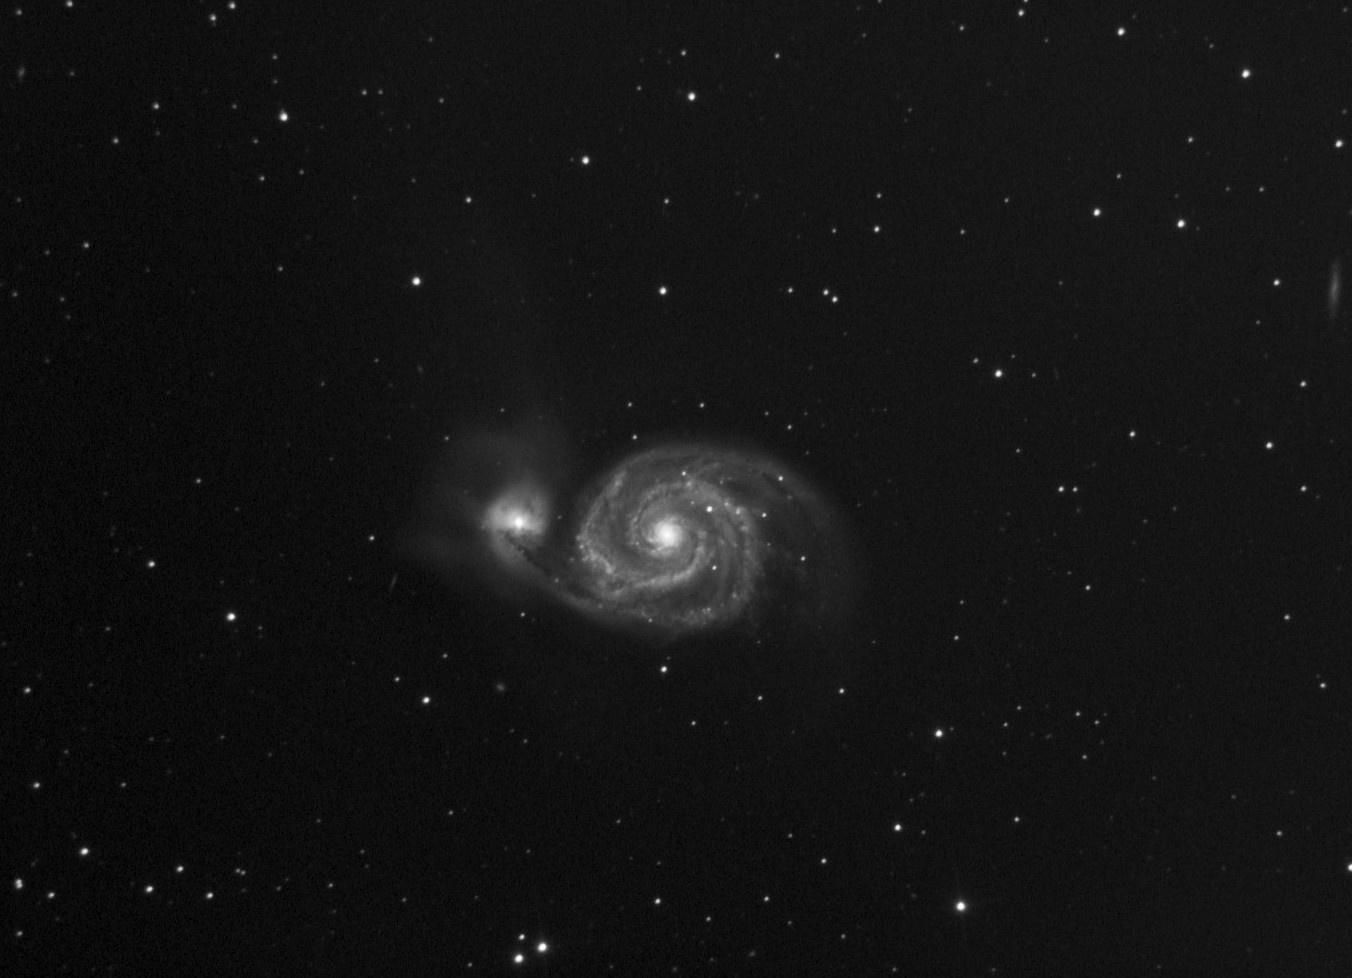 M51-40x180_2.jpg.9ea2b0e29c72a8dca451eeebdbebaed6.jpg